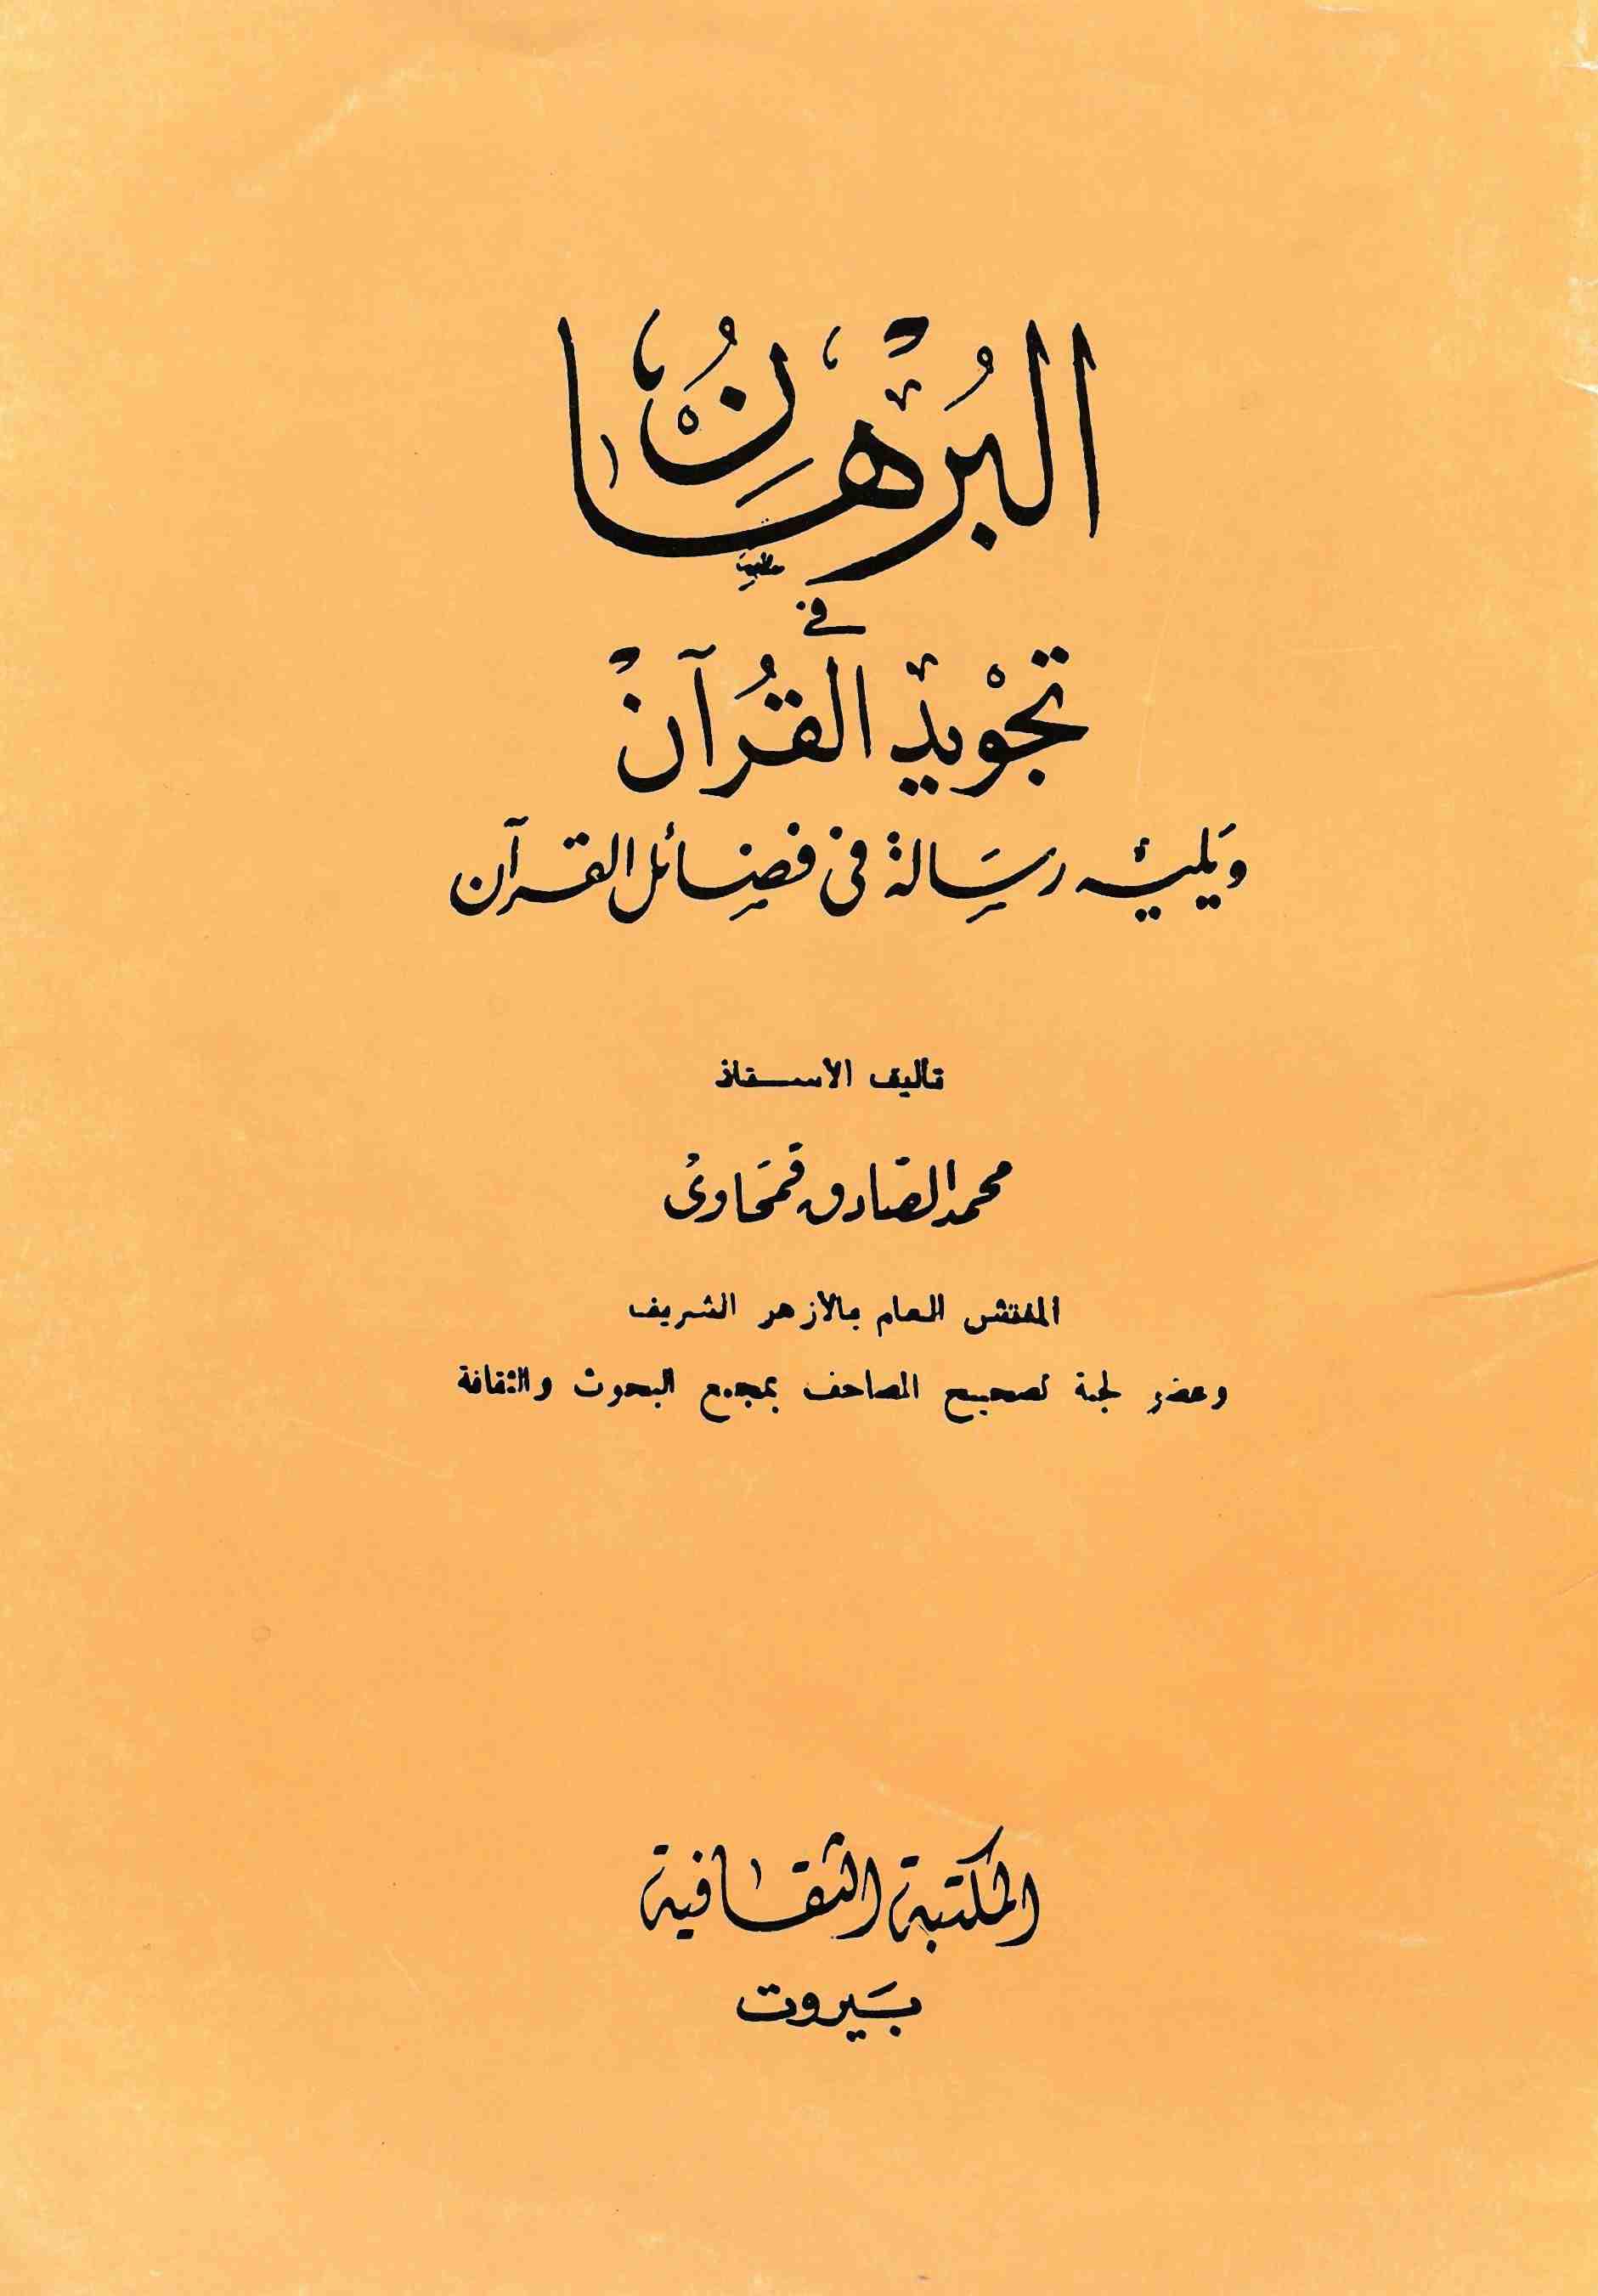 تحميل كتاب البرهان في تجويد القرآن، ويليه: رسالة في فضائل القرآن لـِ: الشيخ محمد الصادق قمحاوي